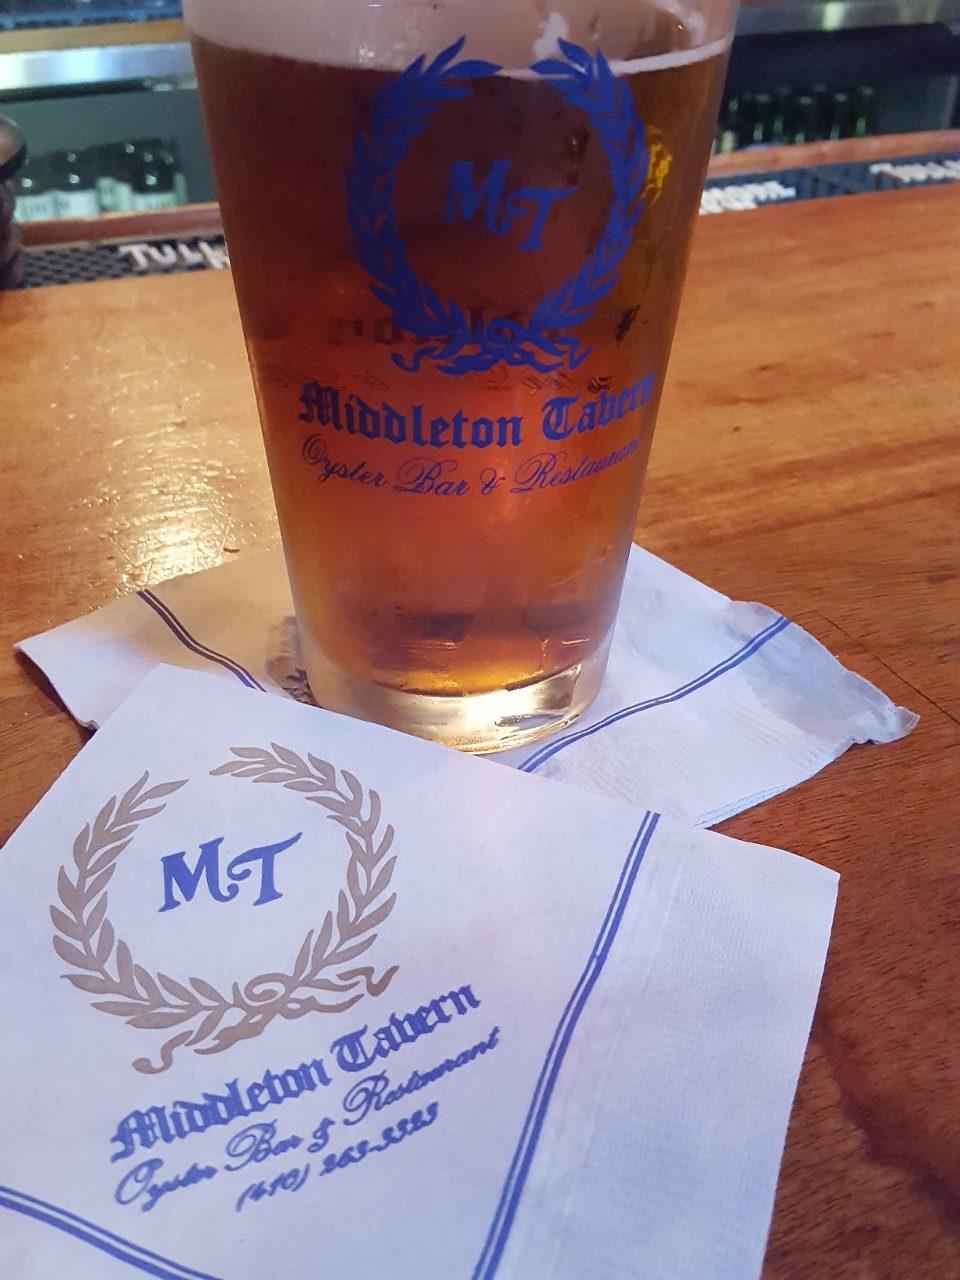 Middleton Tavern established in 1750, the oldest tavern/bar in Maryland.